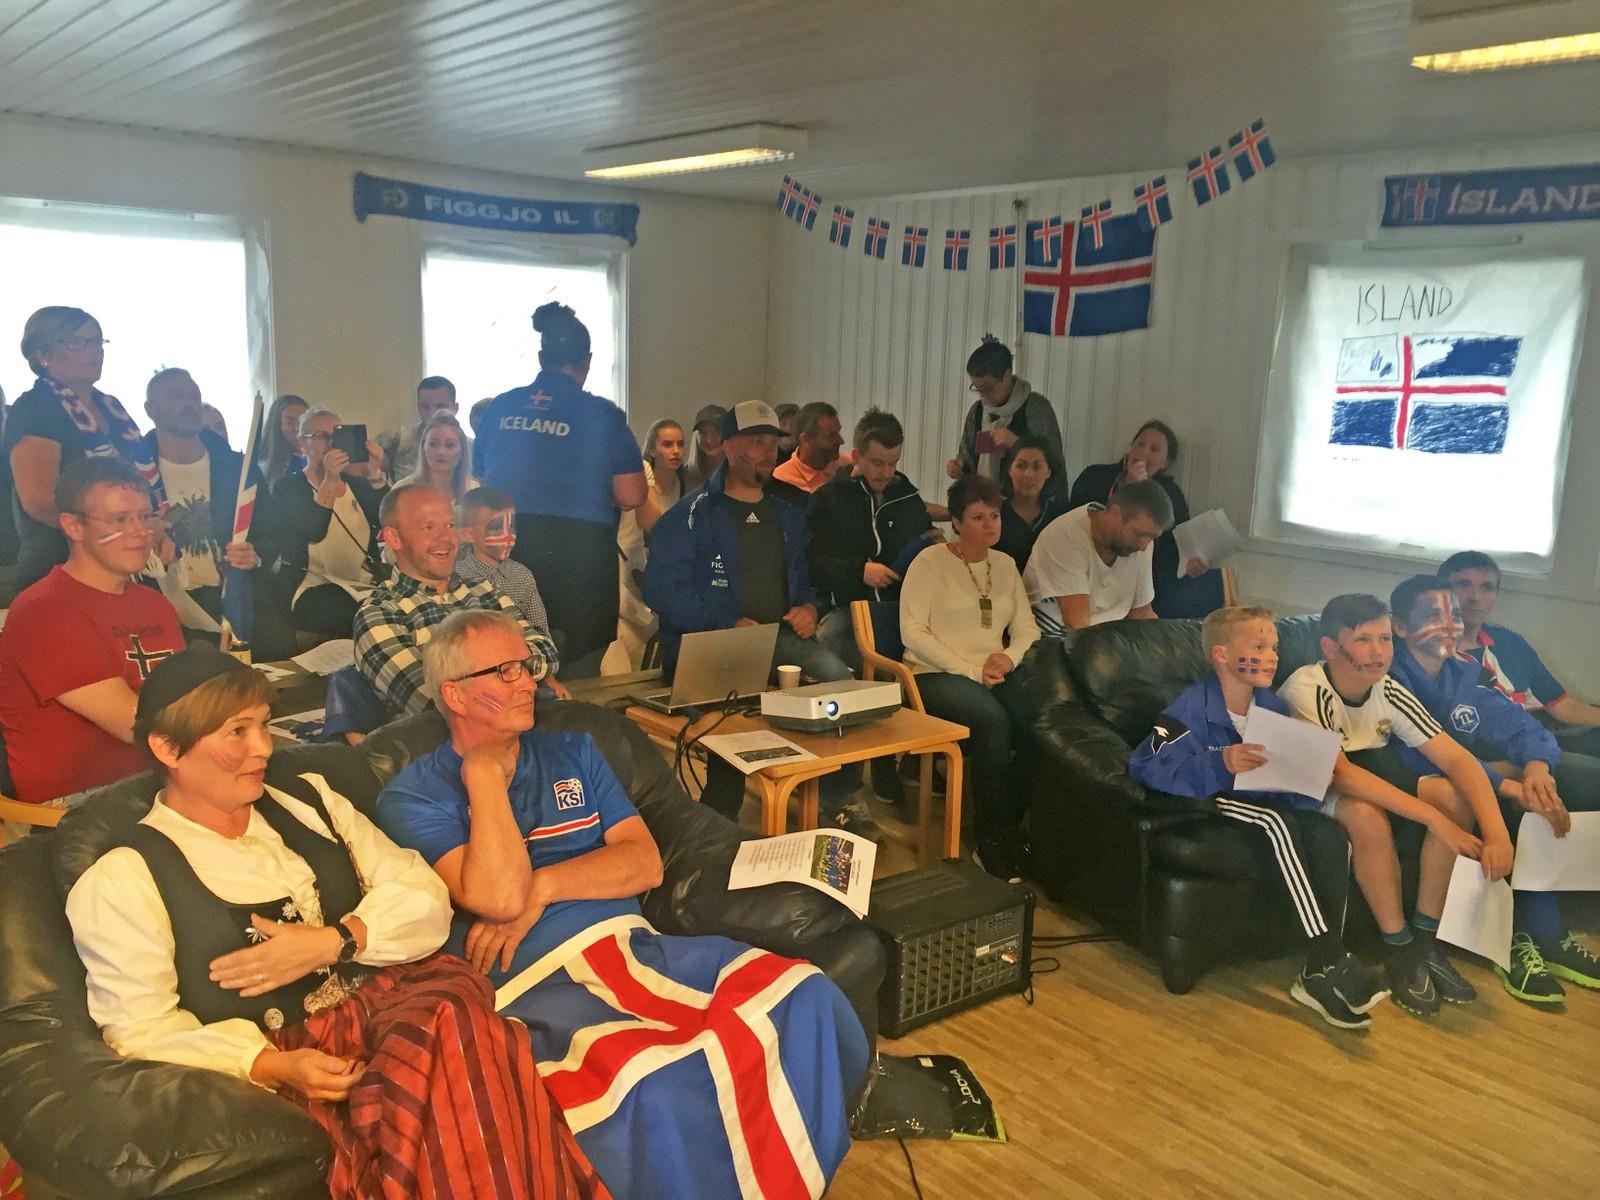 Frankrike-Island på storskjerm i klubbhuset til Figgjo IL søndag.